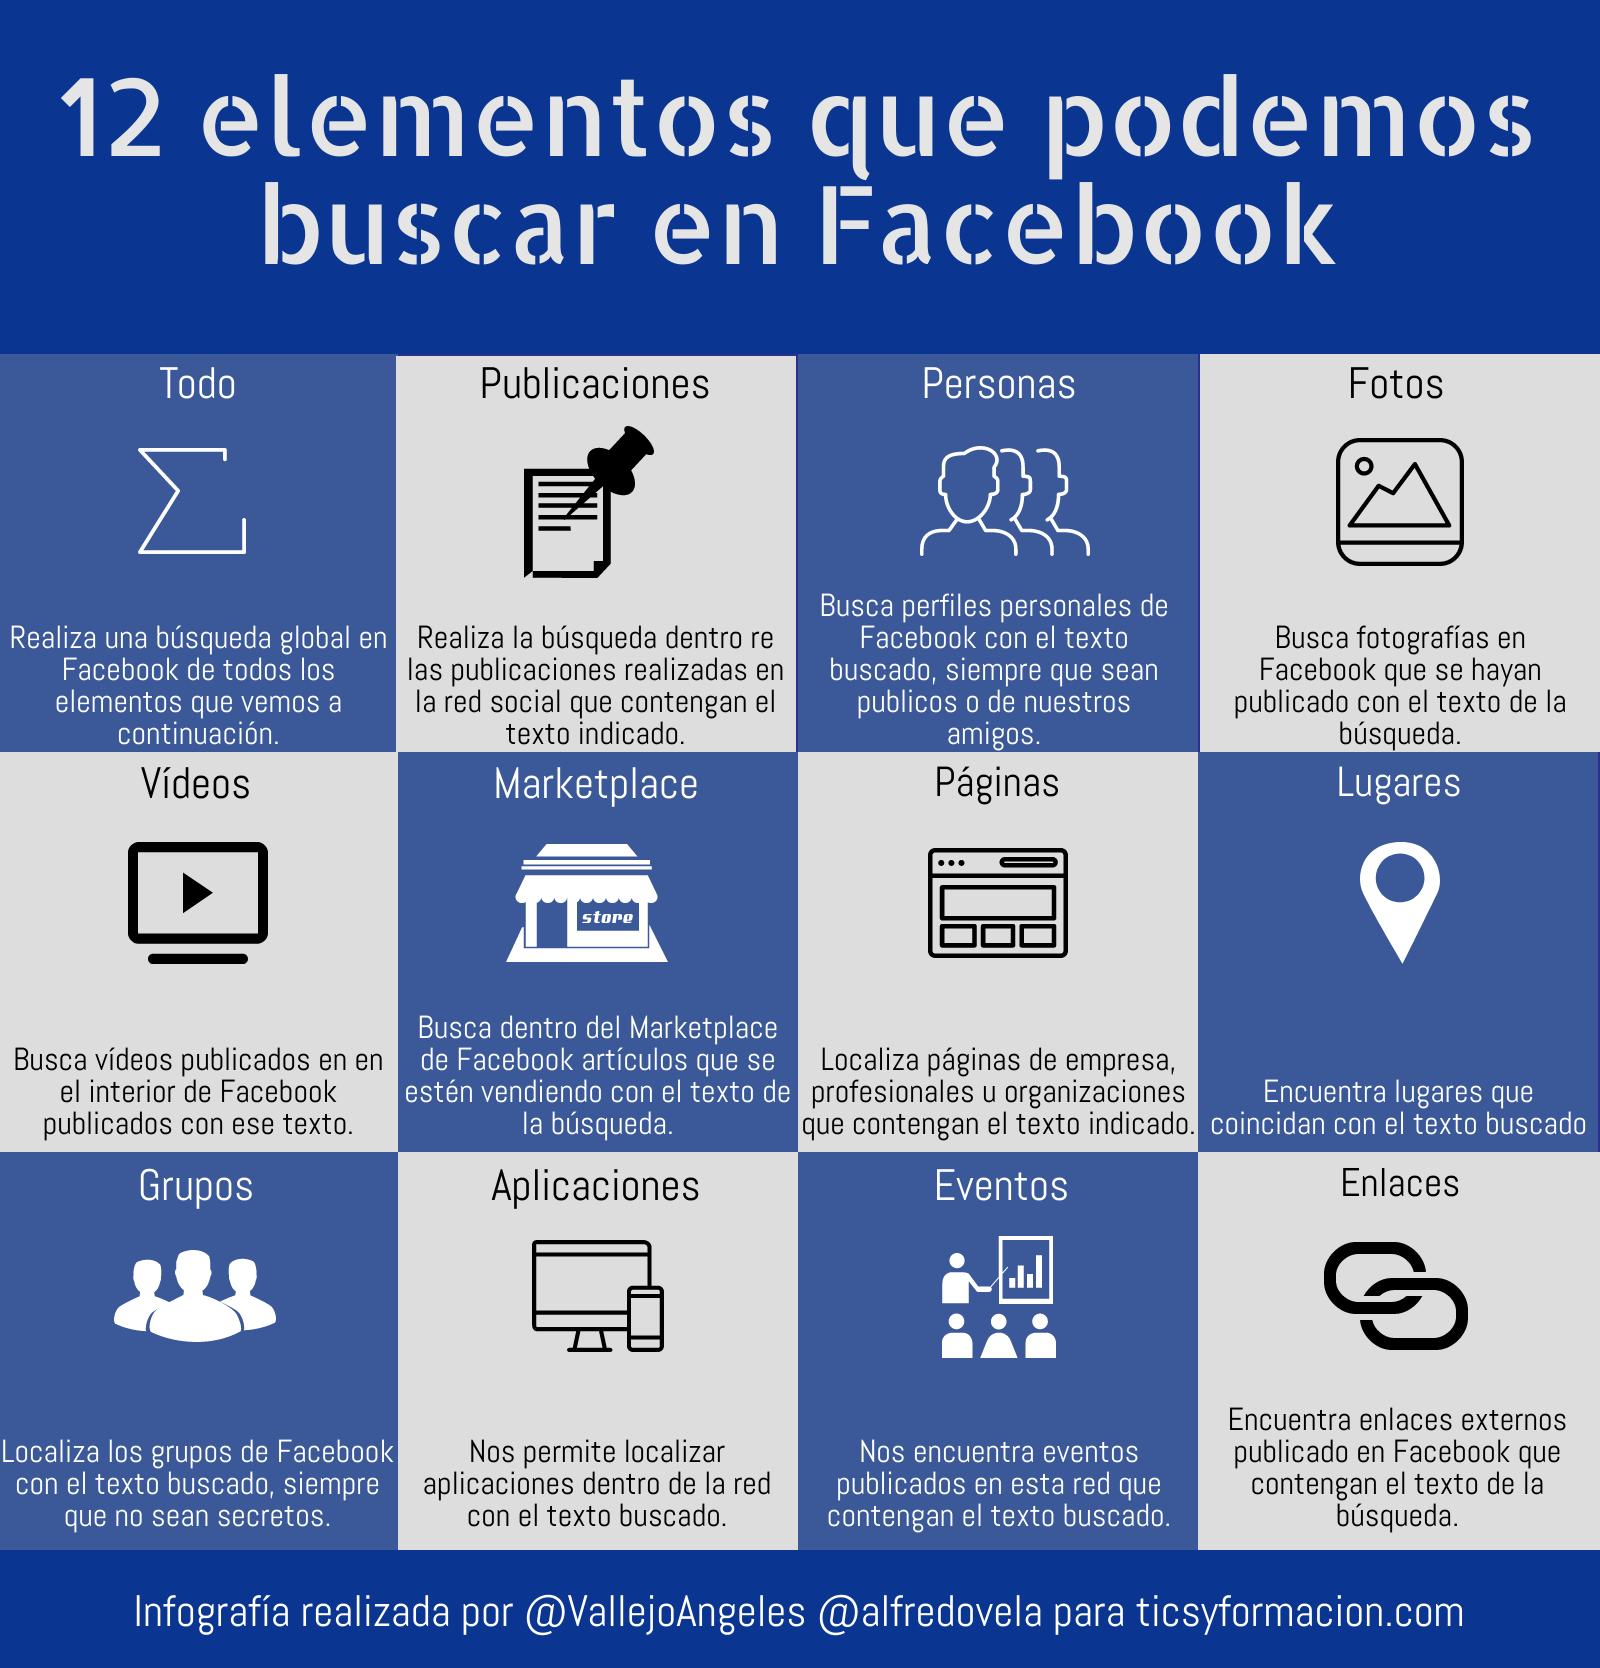 12 elementos que podemos buscar en Facebook #infografia #infographic #socialmedia